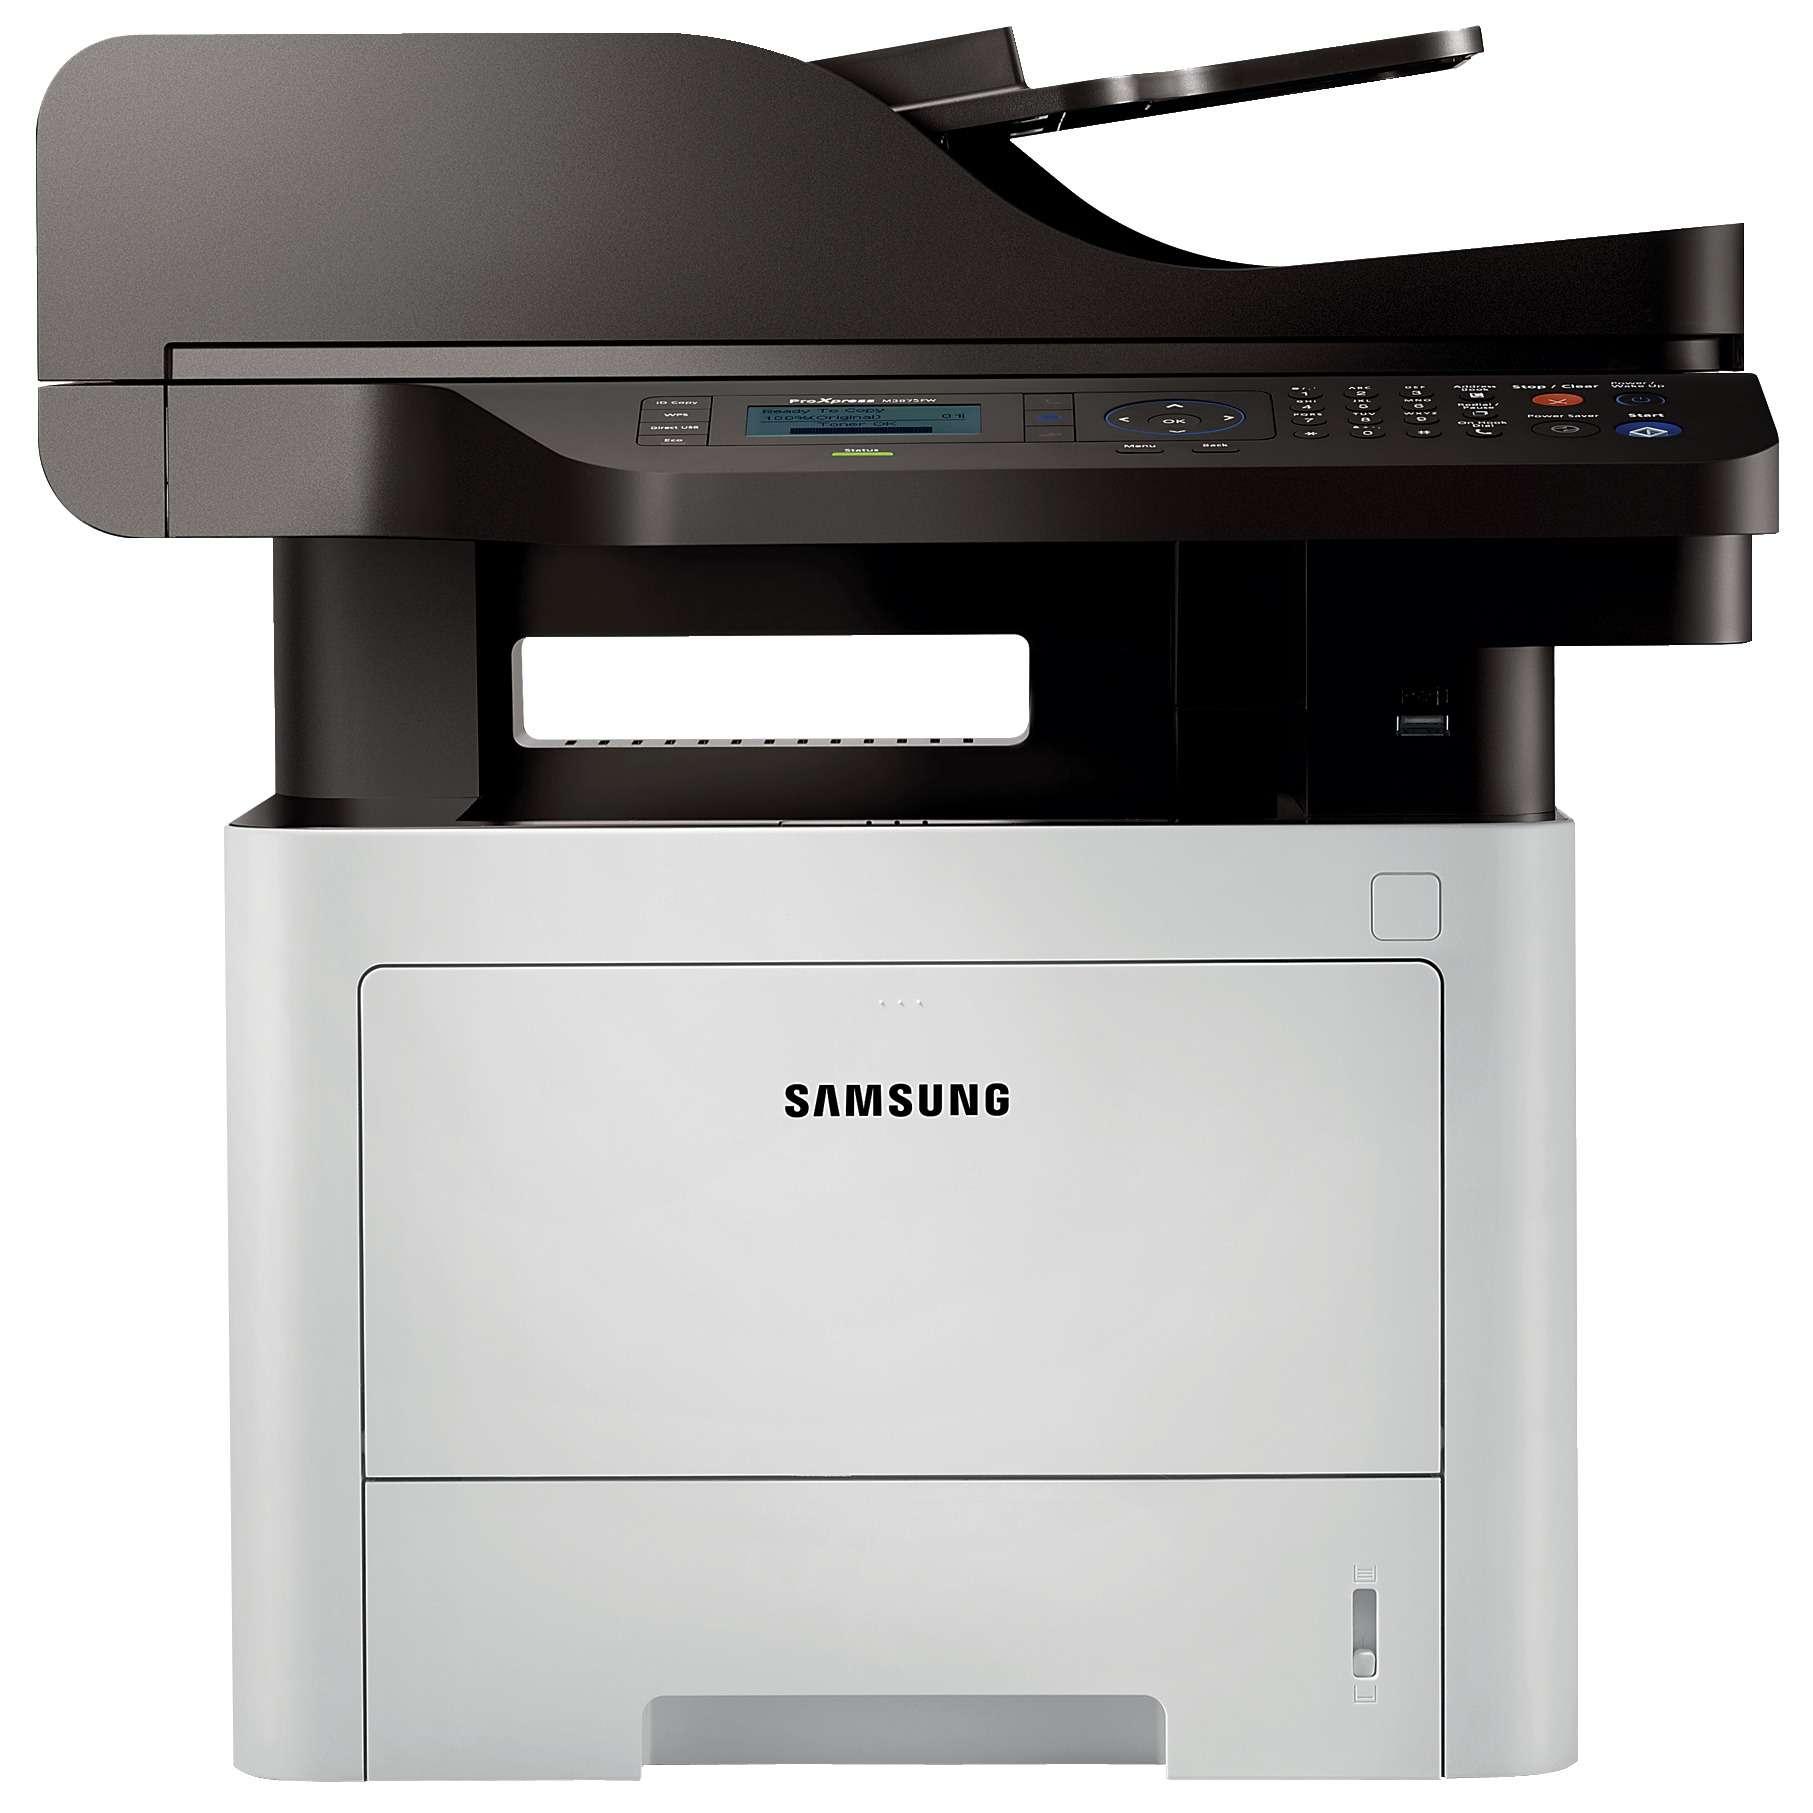 SAMSUNG Laser Multifunktionsgerät ProXpress M3875FW günstig kaufen